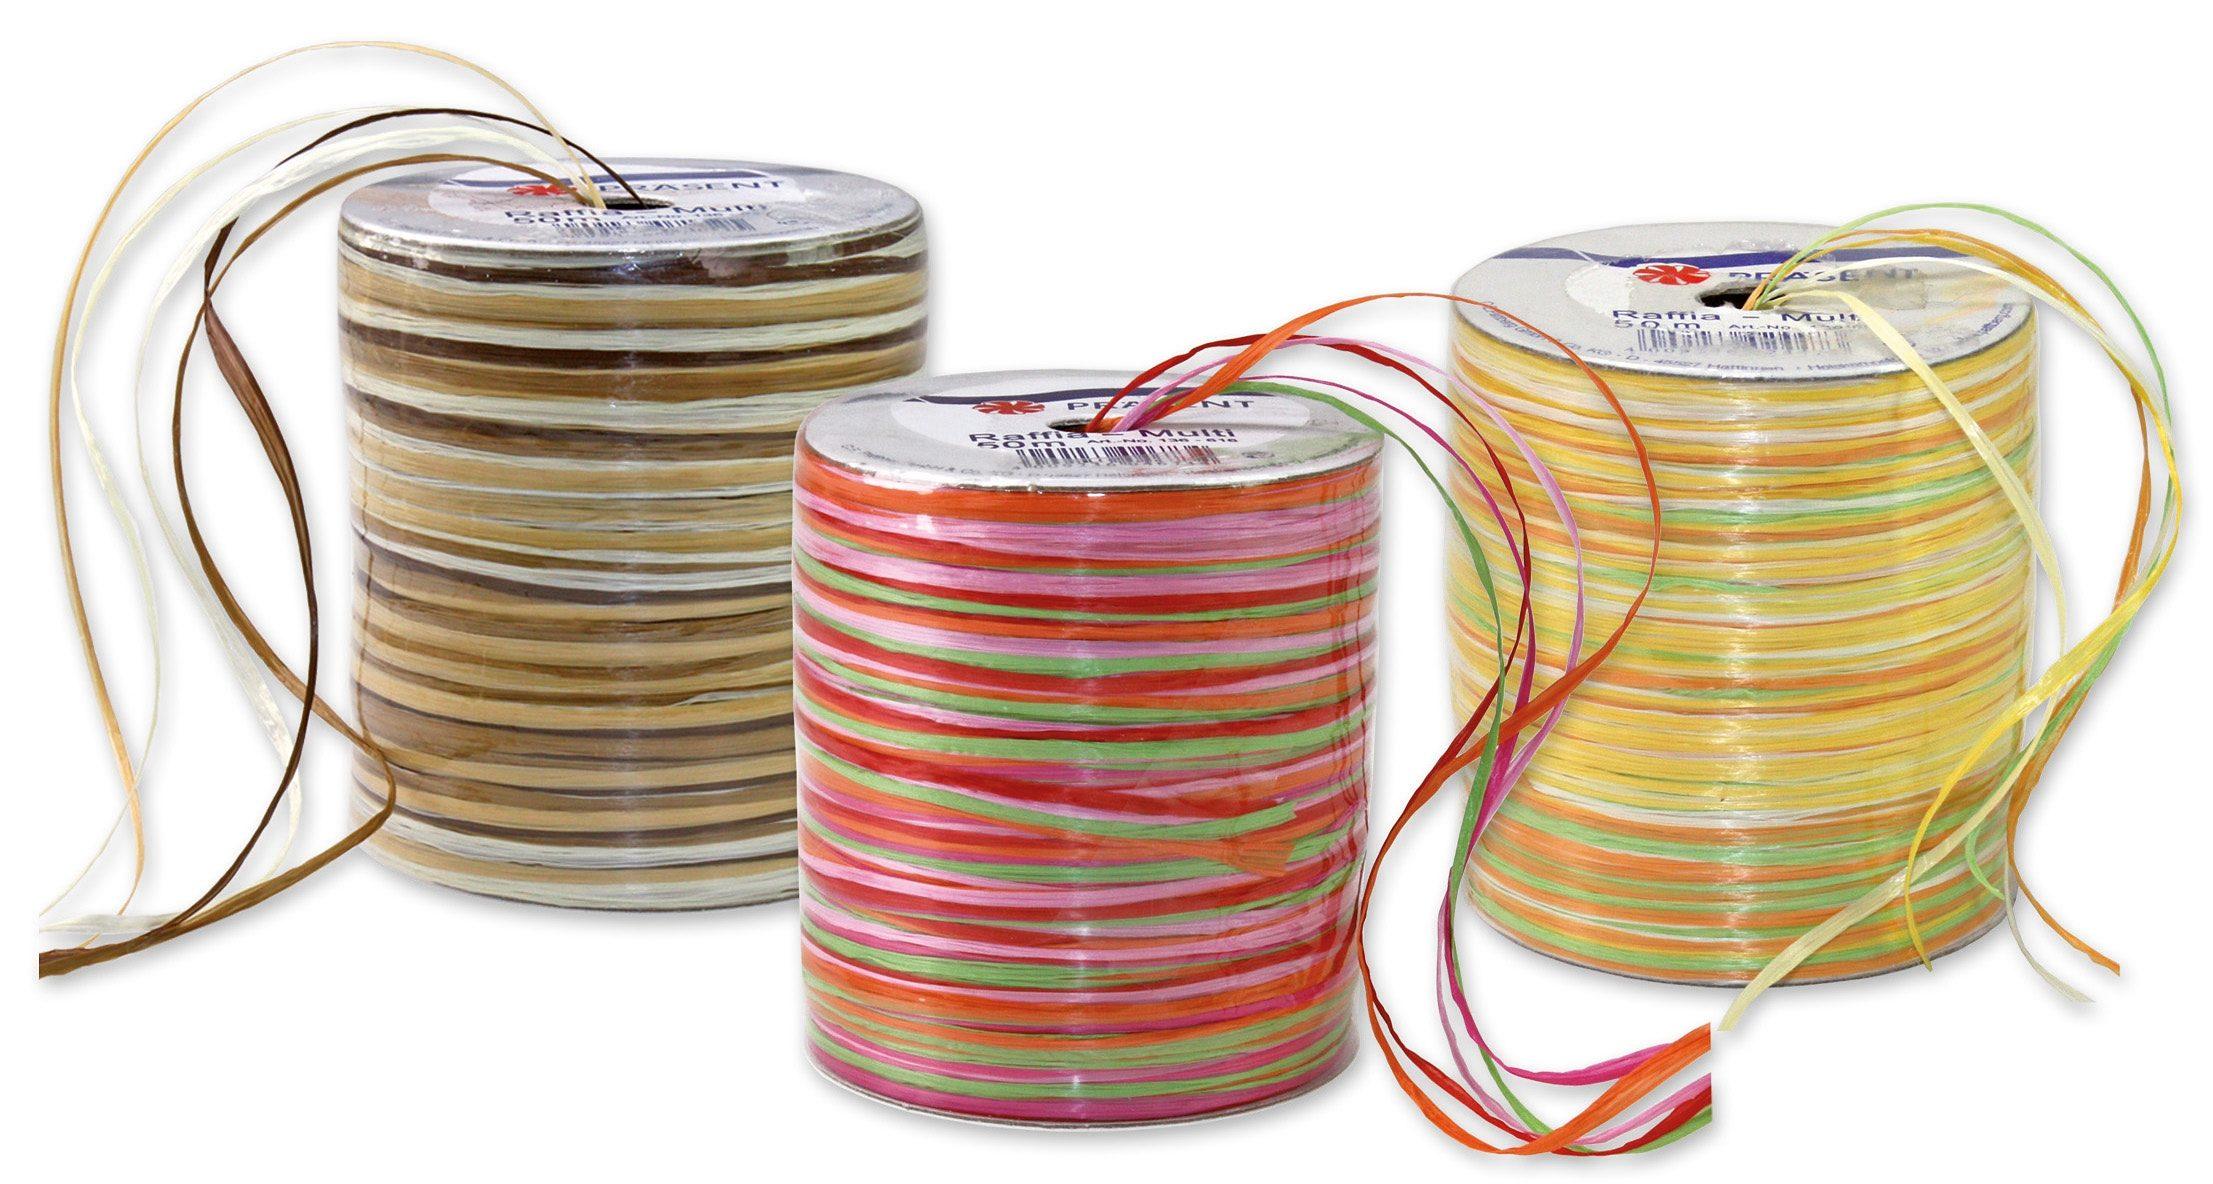 Präsent Geschenkbänder Raffia Multicolour, 3 Spulen im Set, 150 m